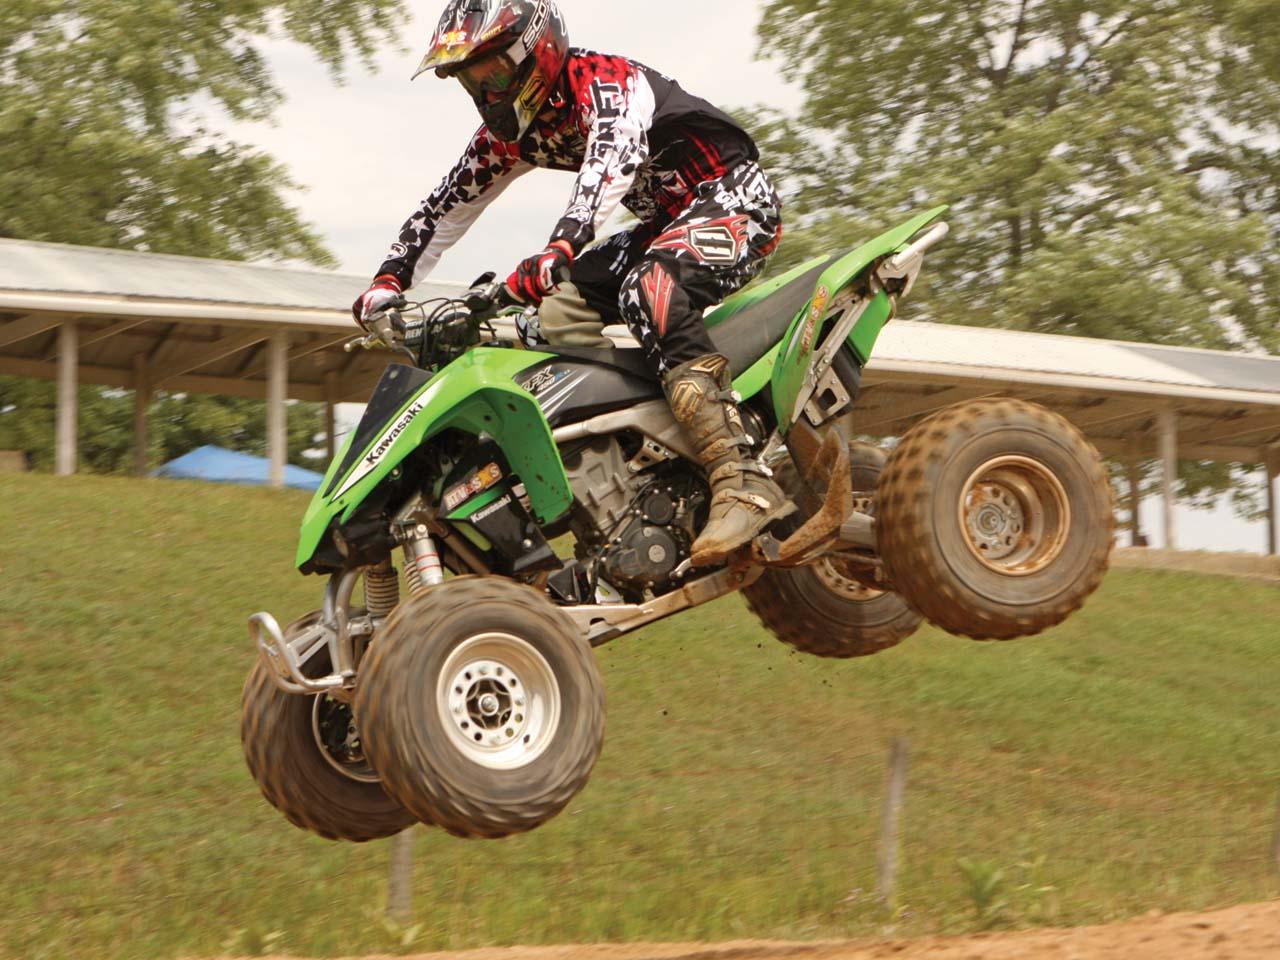 Filename 2011 kawasaki kfx450r left_ green_ jumping through air jpg